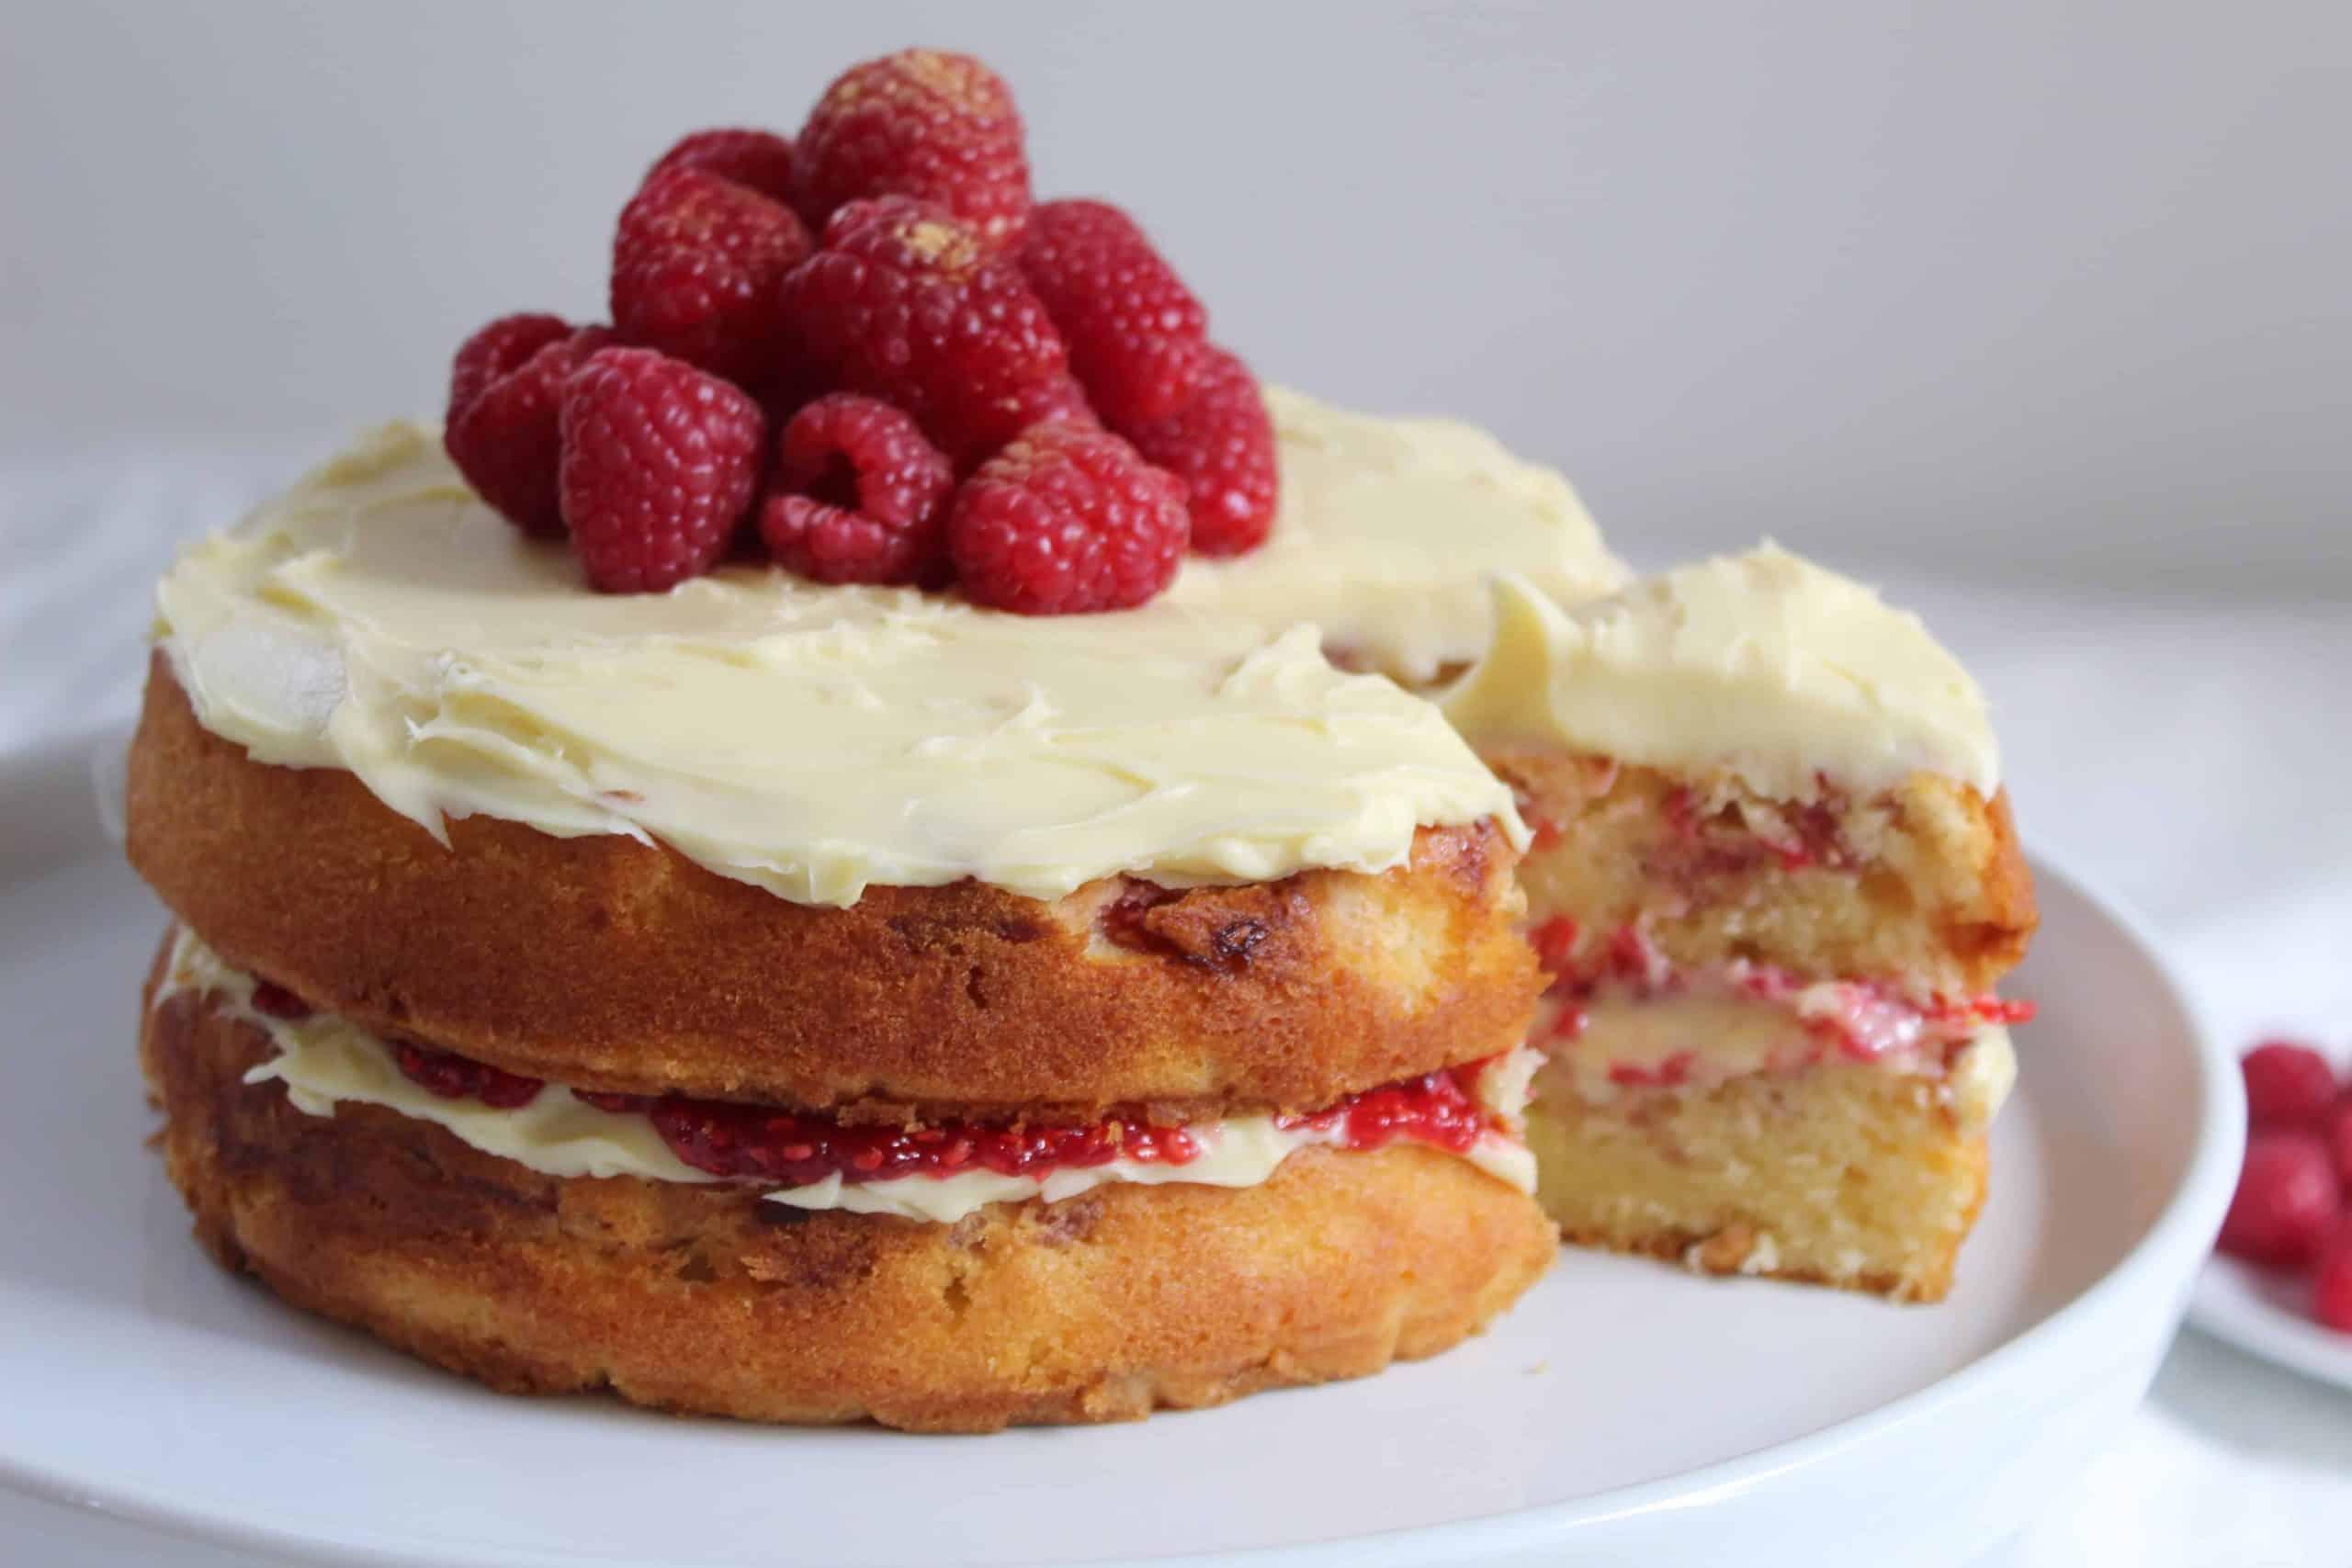 GLUTEN FREE WHITE CHOCOLATE AND RASPBERRY CAKE RECIPE